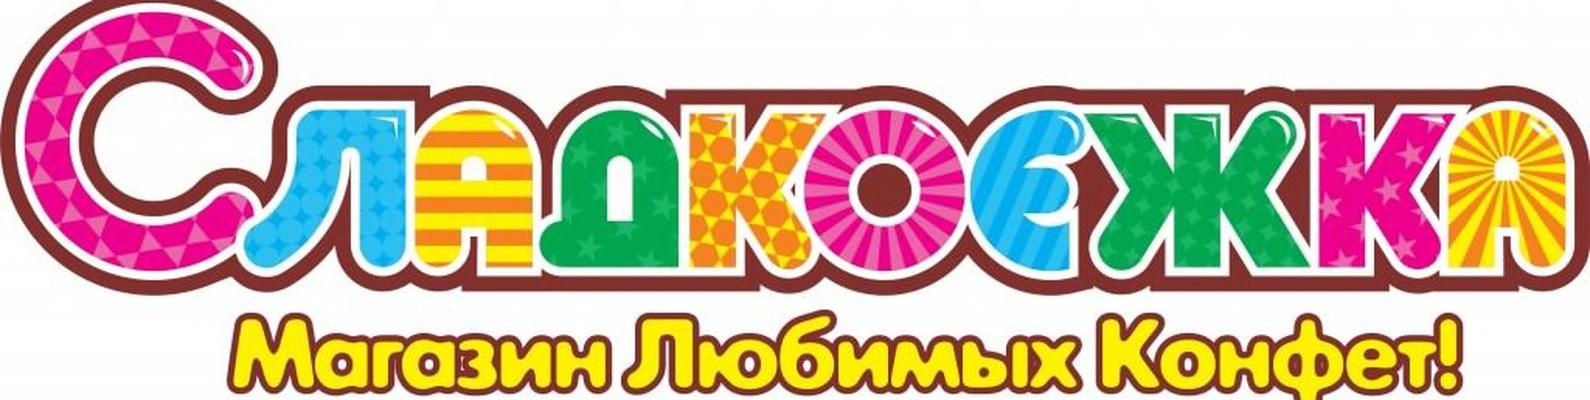 Работа в компании «Сладкоежка, сеть магазинов» в Уфы